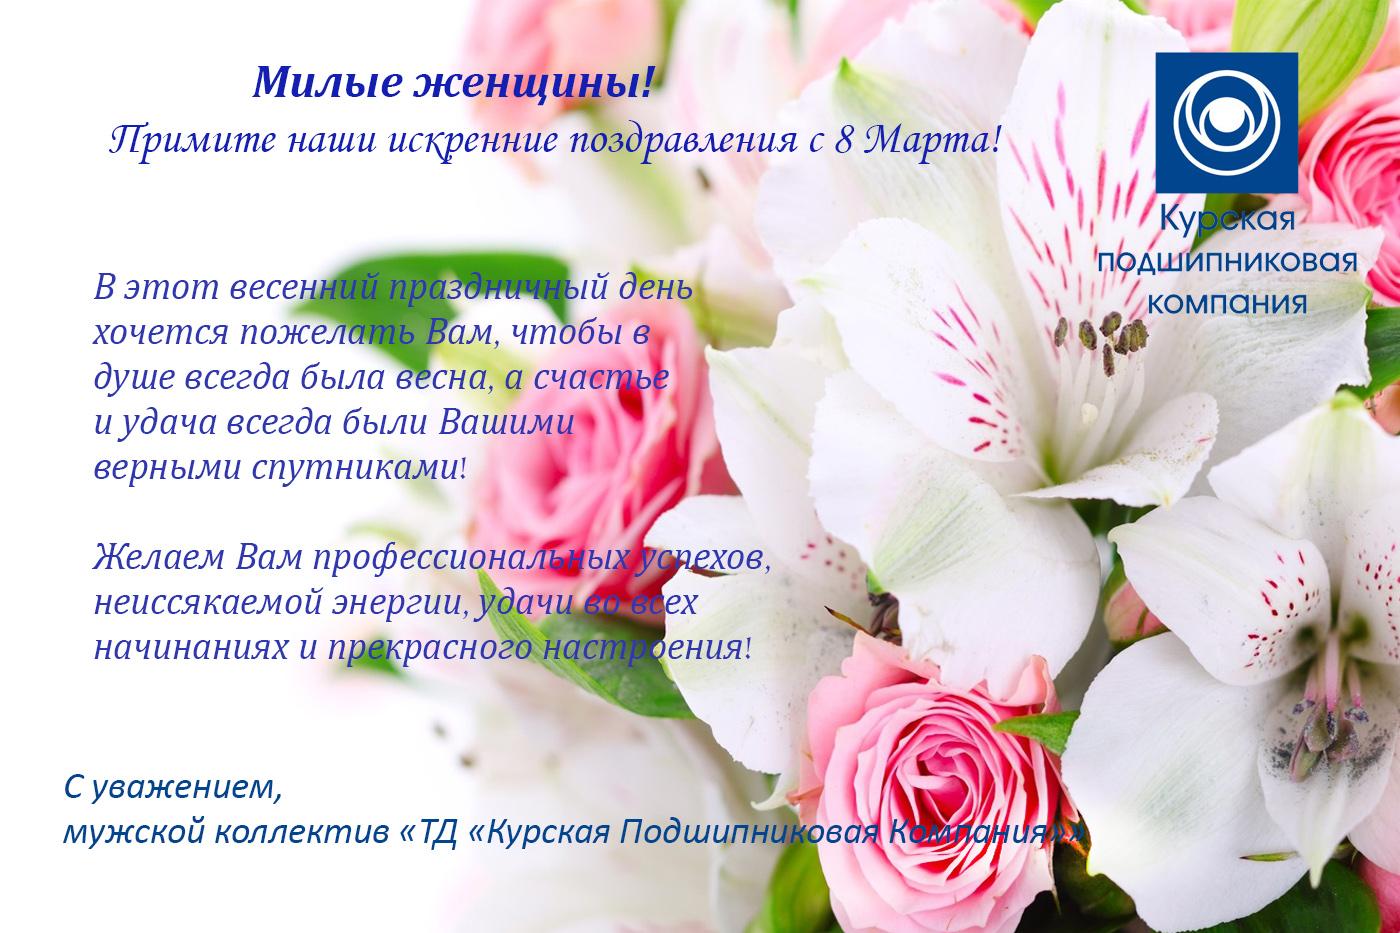 Прими моё поздравление с Днём Рождения! поздравление